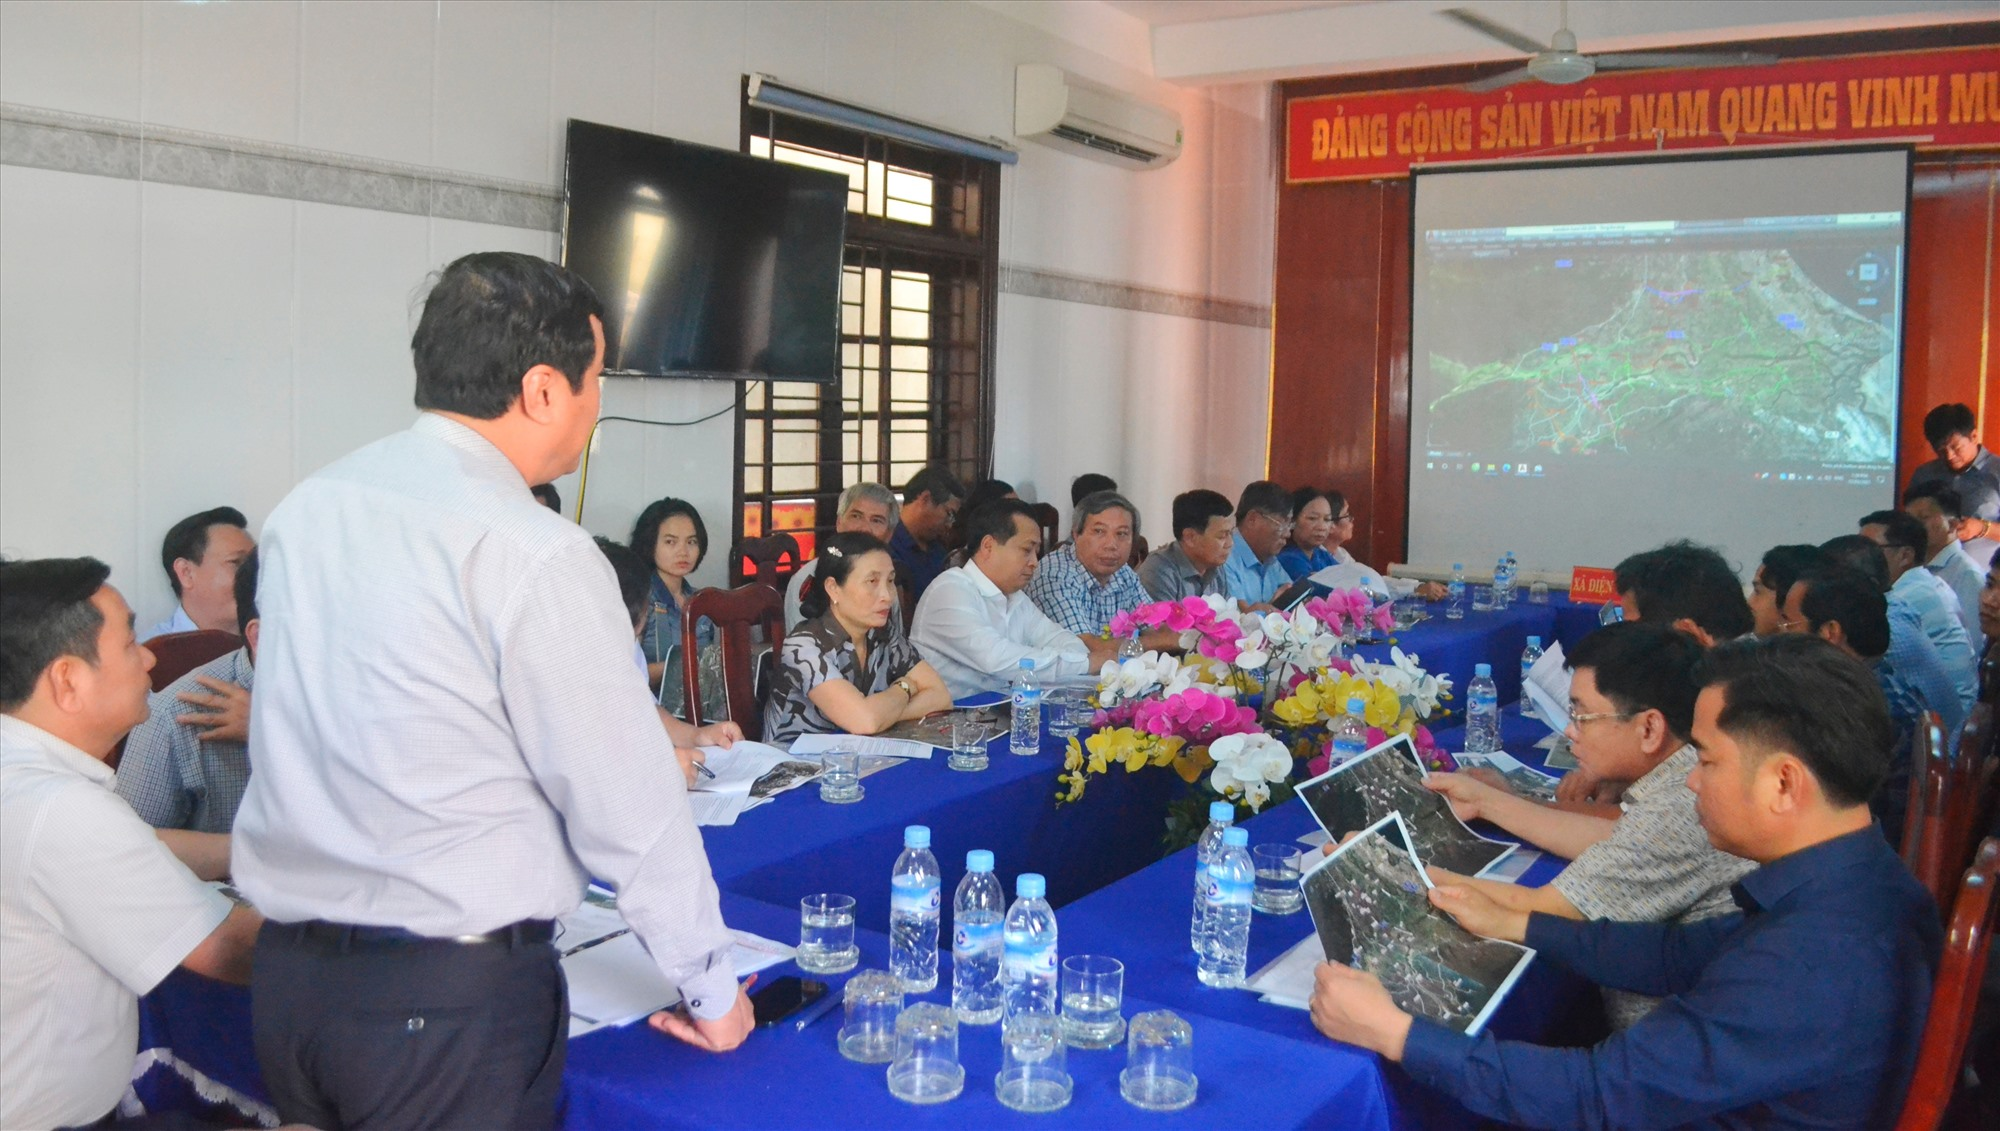 Cuộc họp diễn ra tại xã Điện Tiến (Điện Bàn). Ảnh: CT